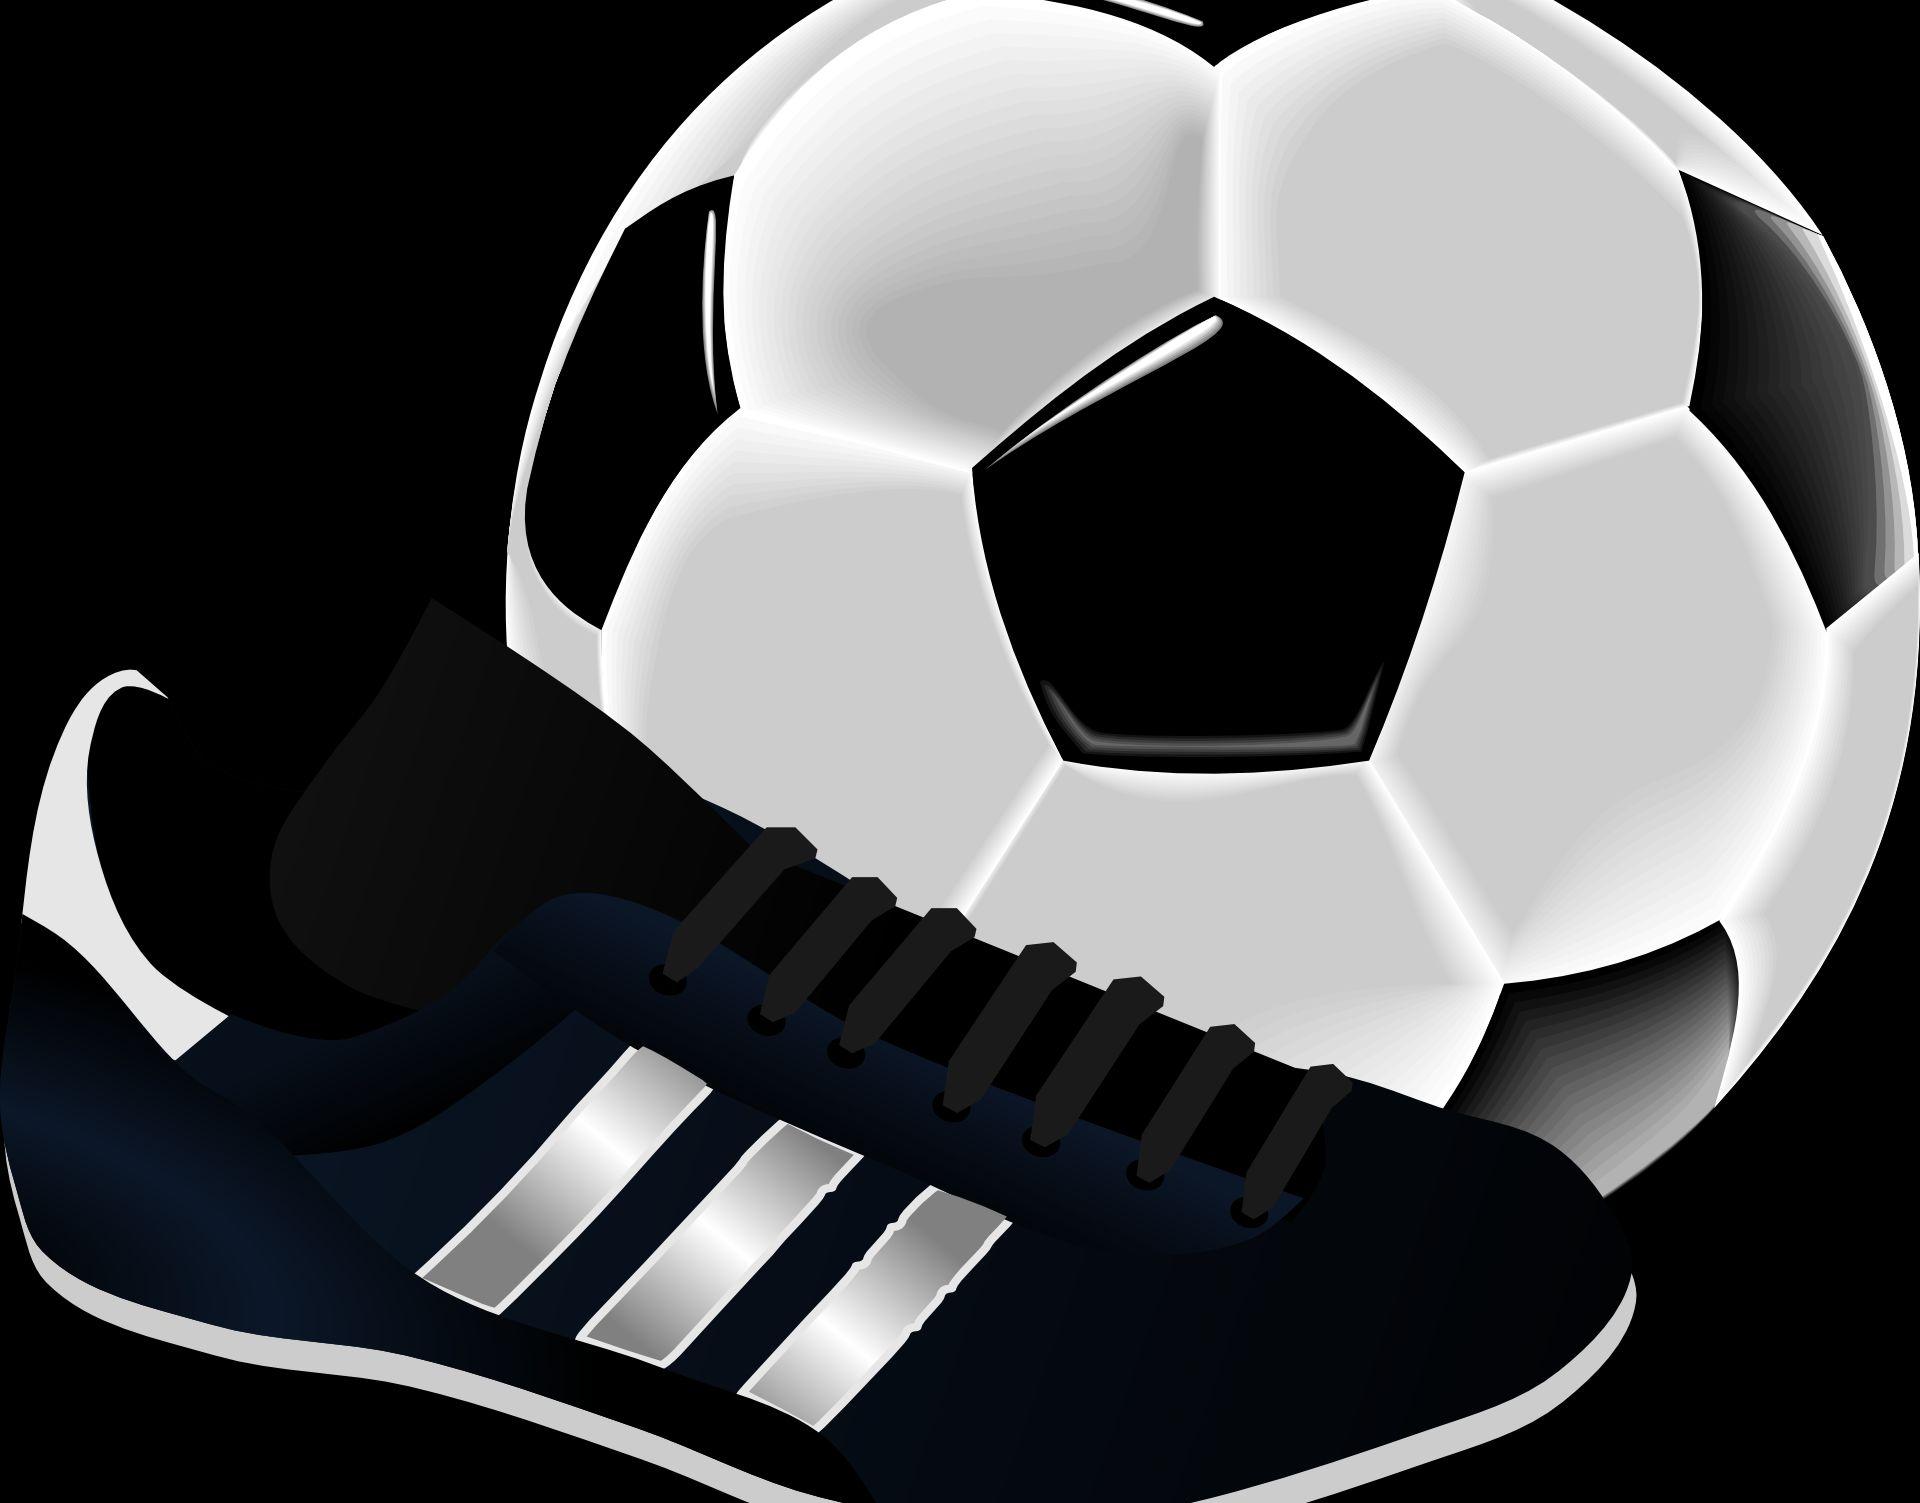 Europsko nogometno tržište 'teško' rekordnih 25,5 milijardi eura